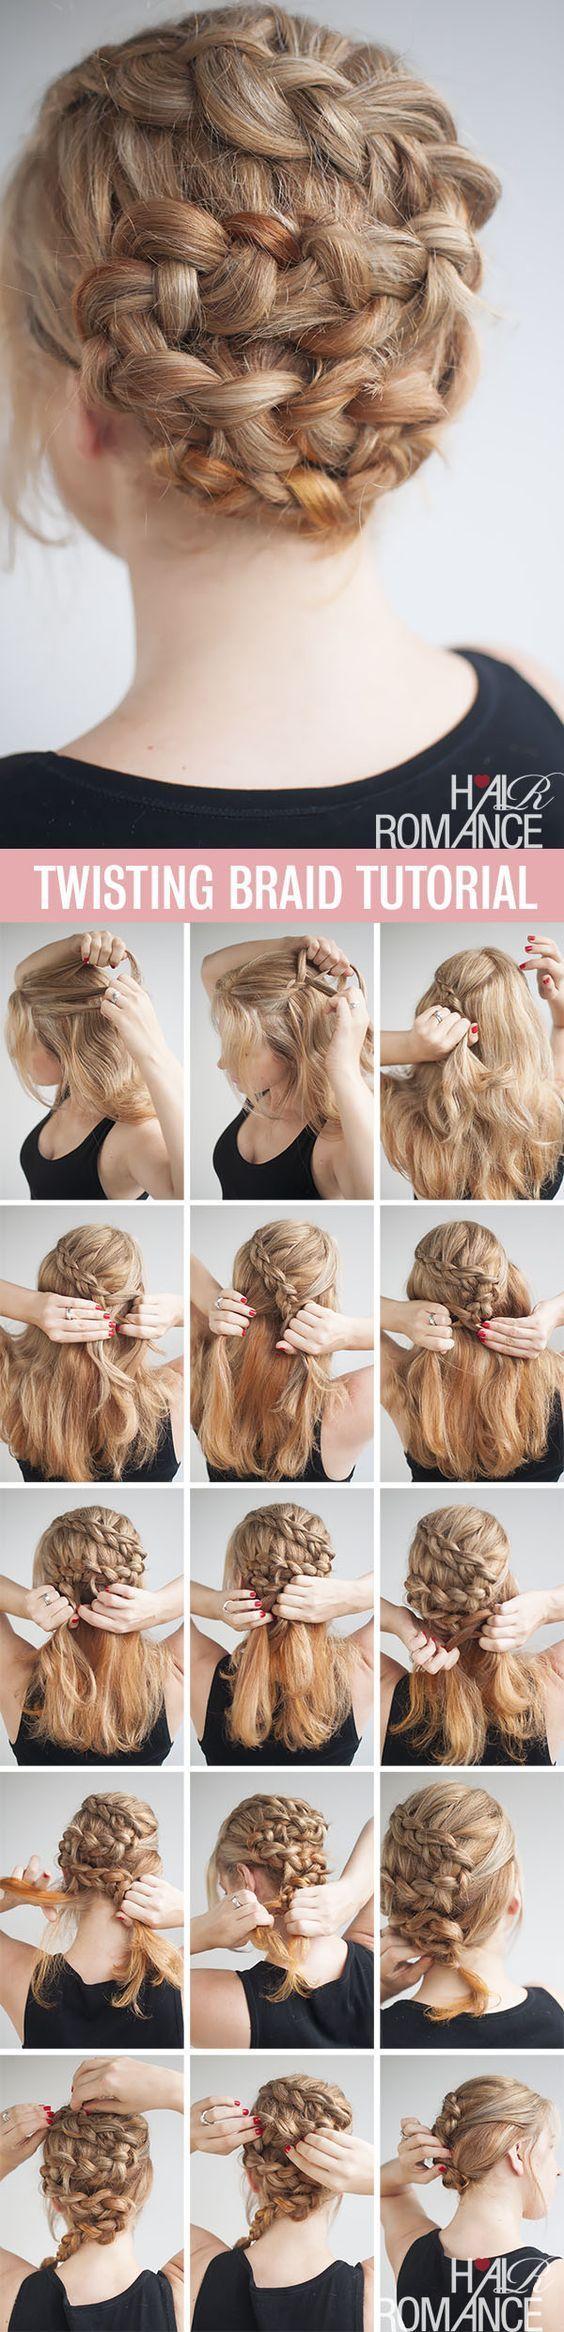 Super easy diy braided hairstyles for wedding tutorials braid